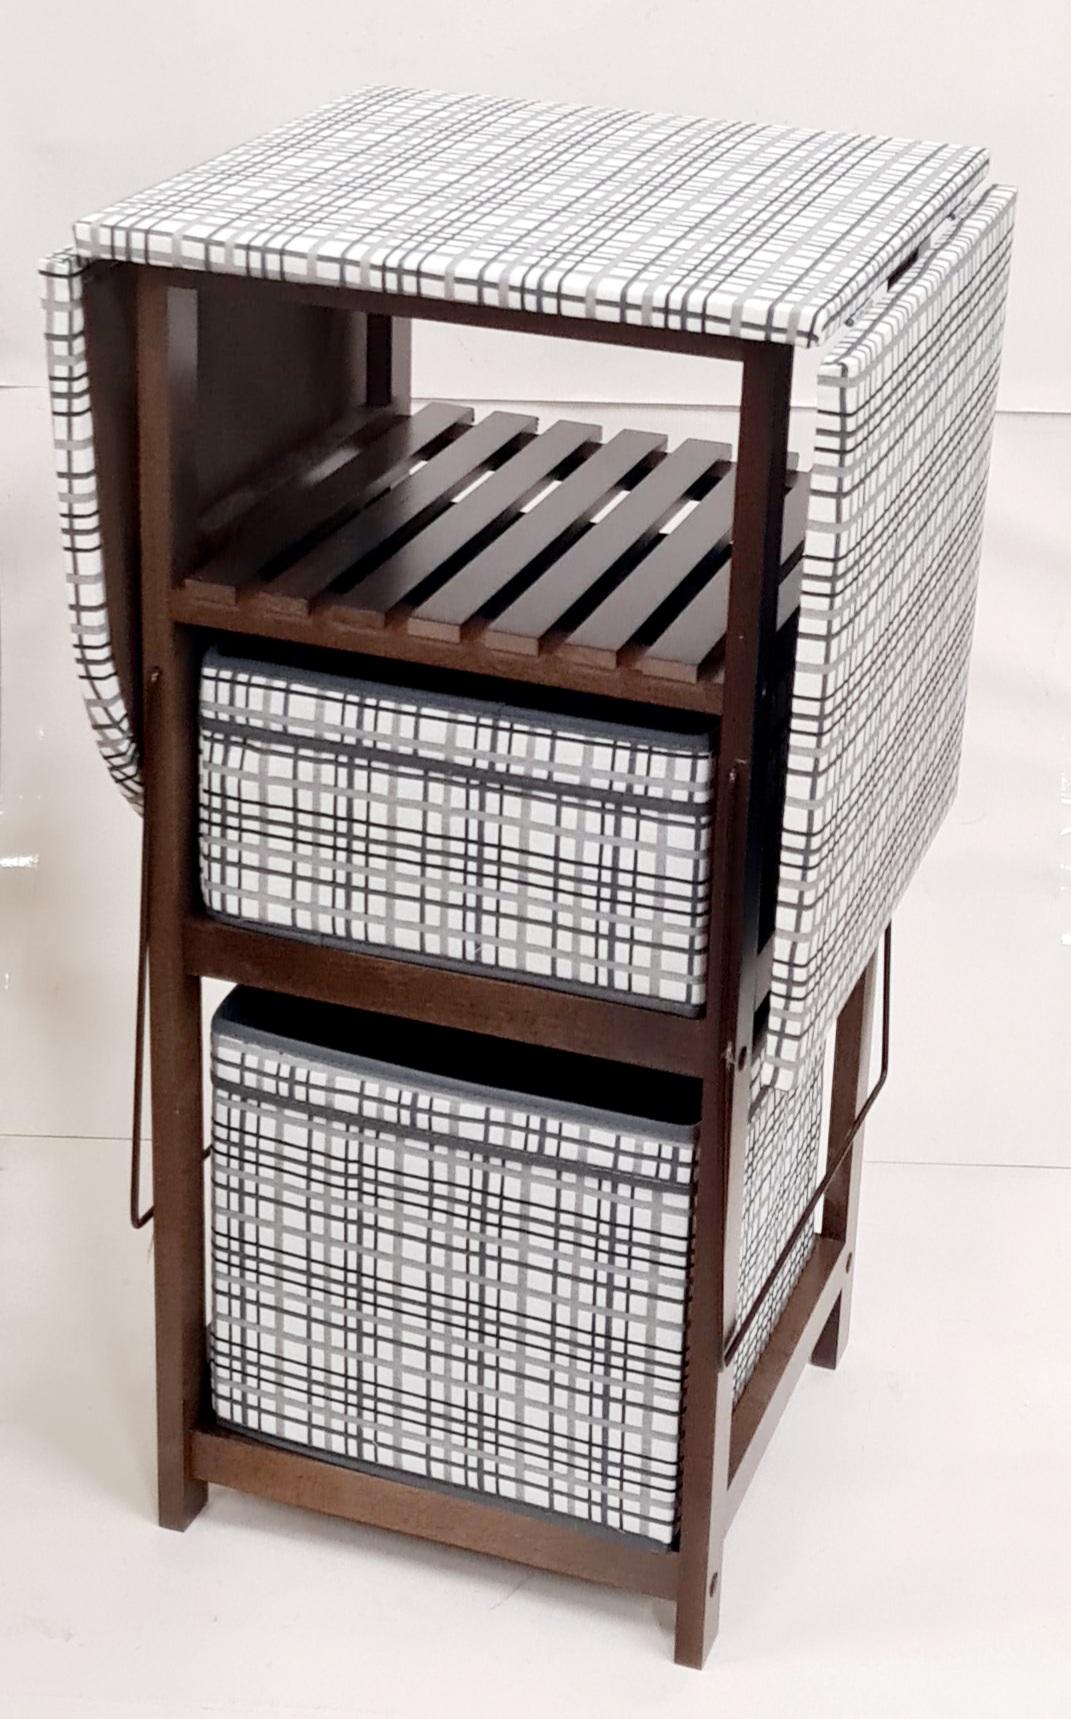 Комод с гладильной доской  темный орех дерево, ящики : ткань темный орех, серая клетка